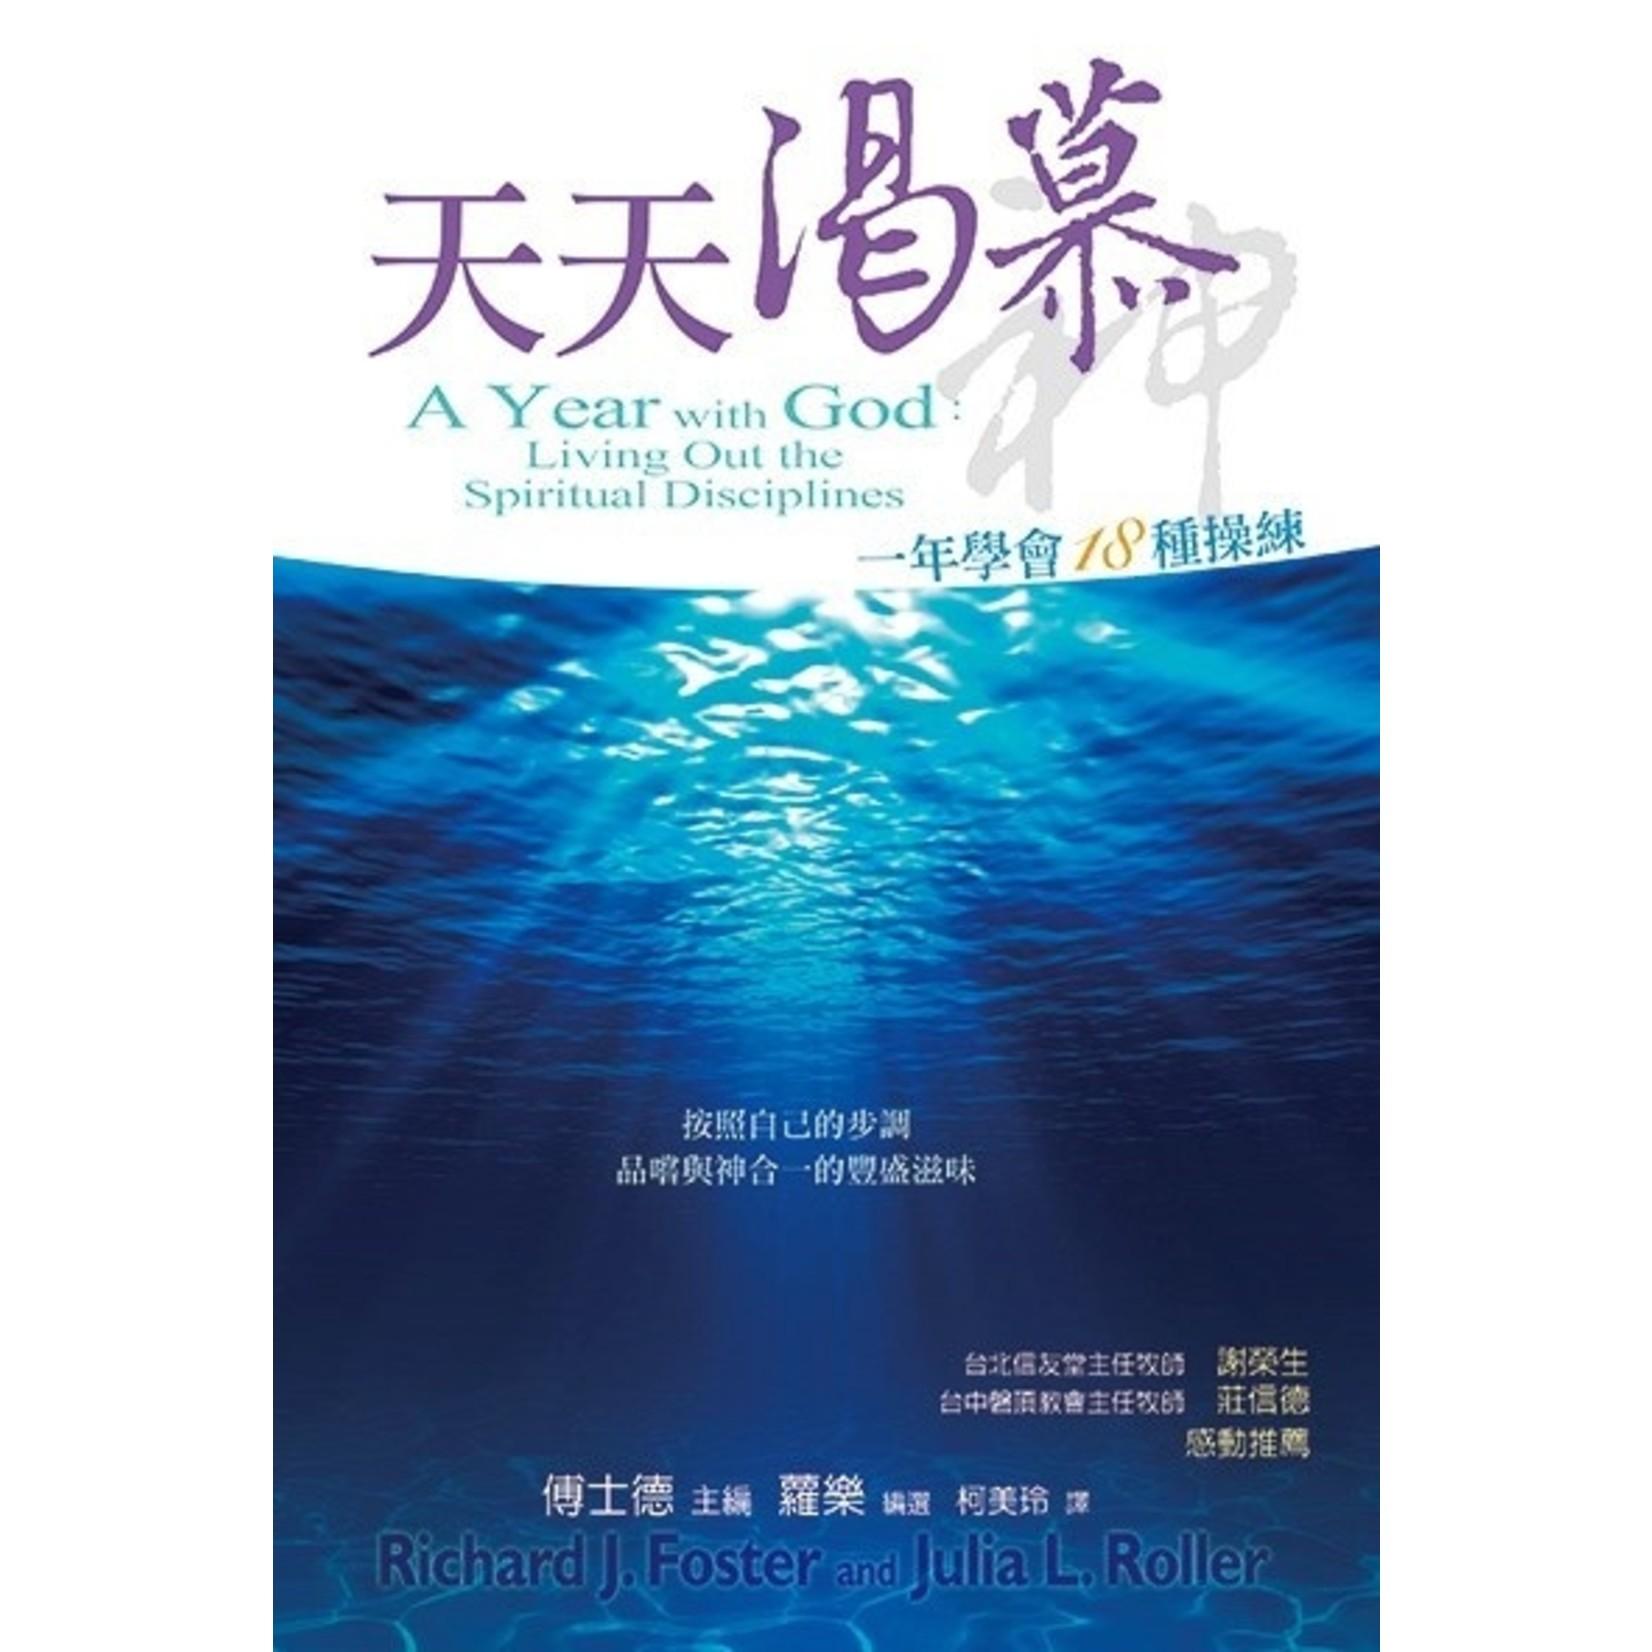 校園書房 Campus Books 天天渴慕神:一年學會18種操練 A Year with God: Living Out the Spiritual Disciplines